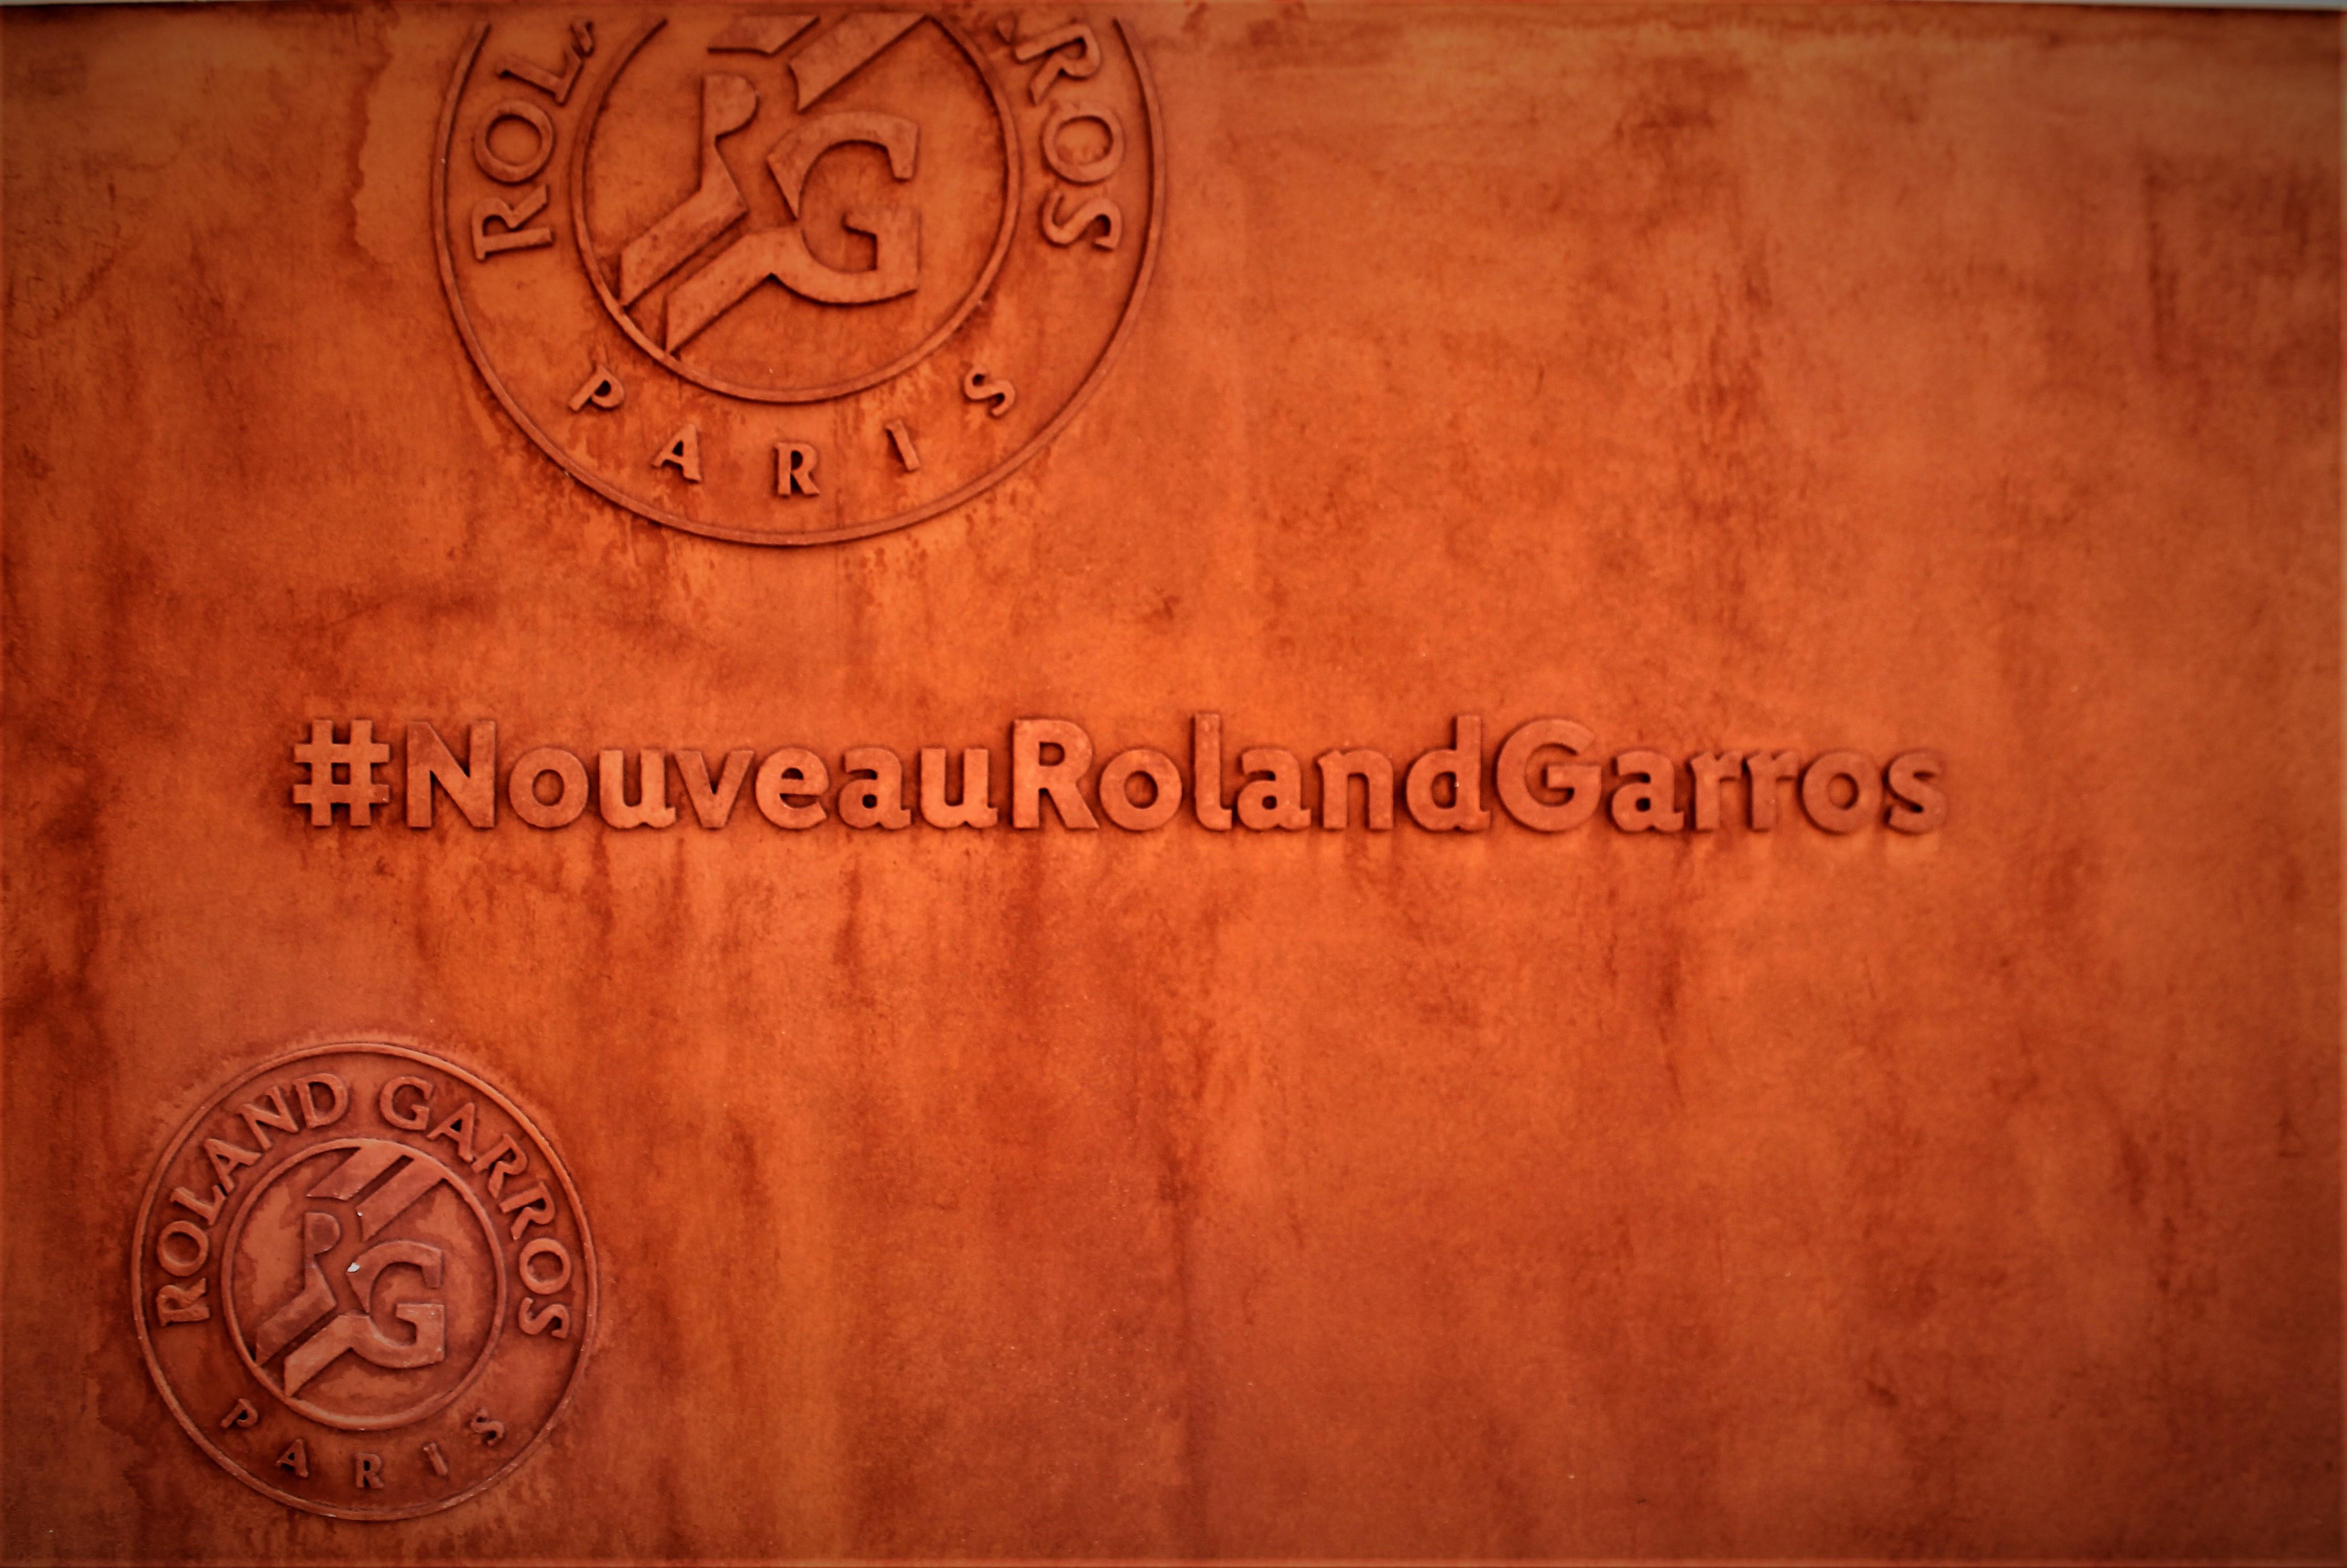 Les travaux de modernisation du stade Roland-Garros se poursuivent /©SoTennis